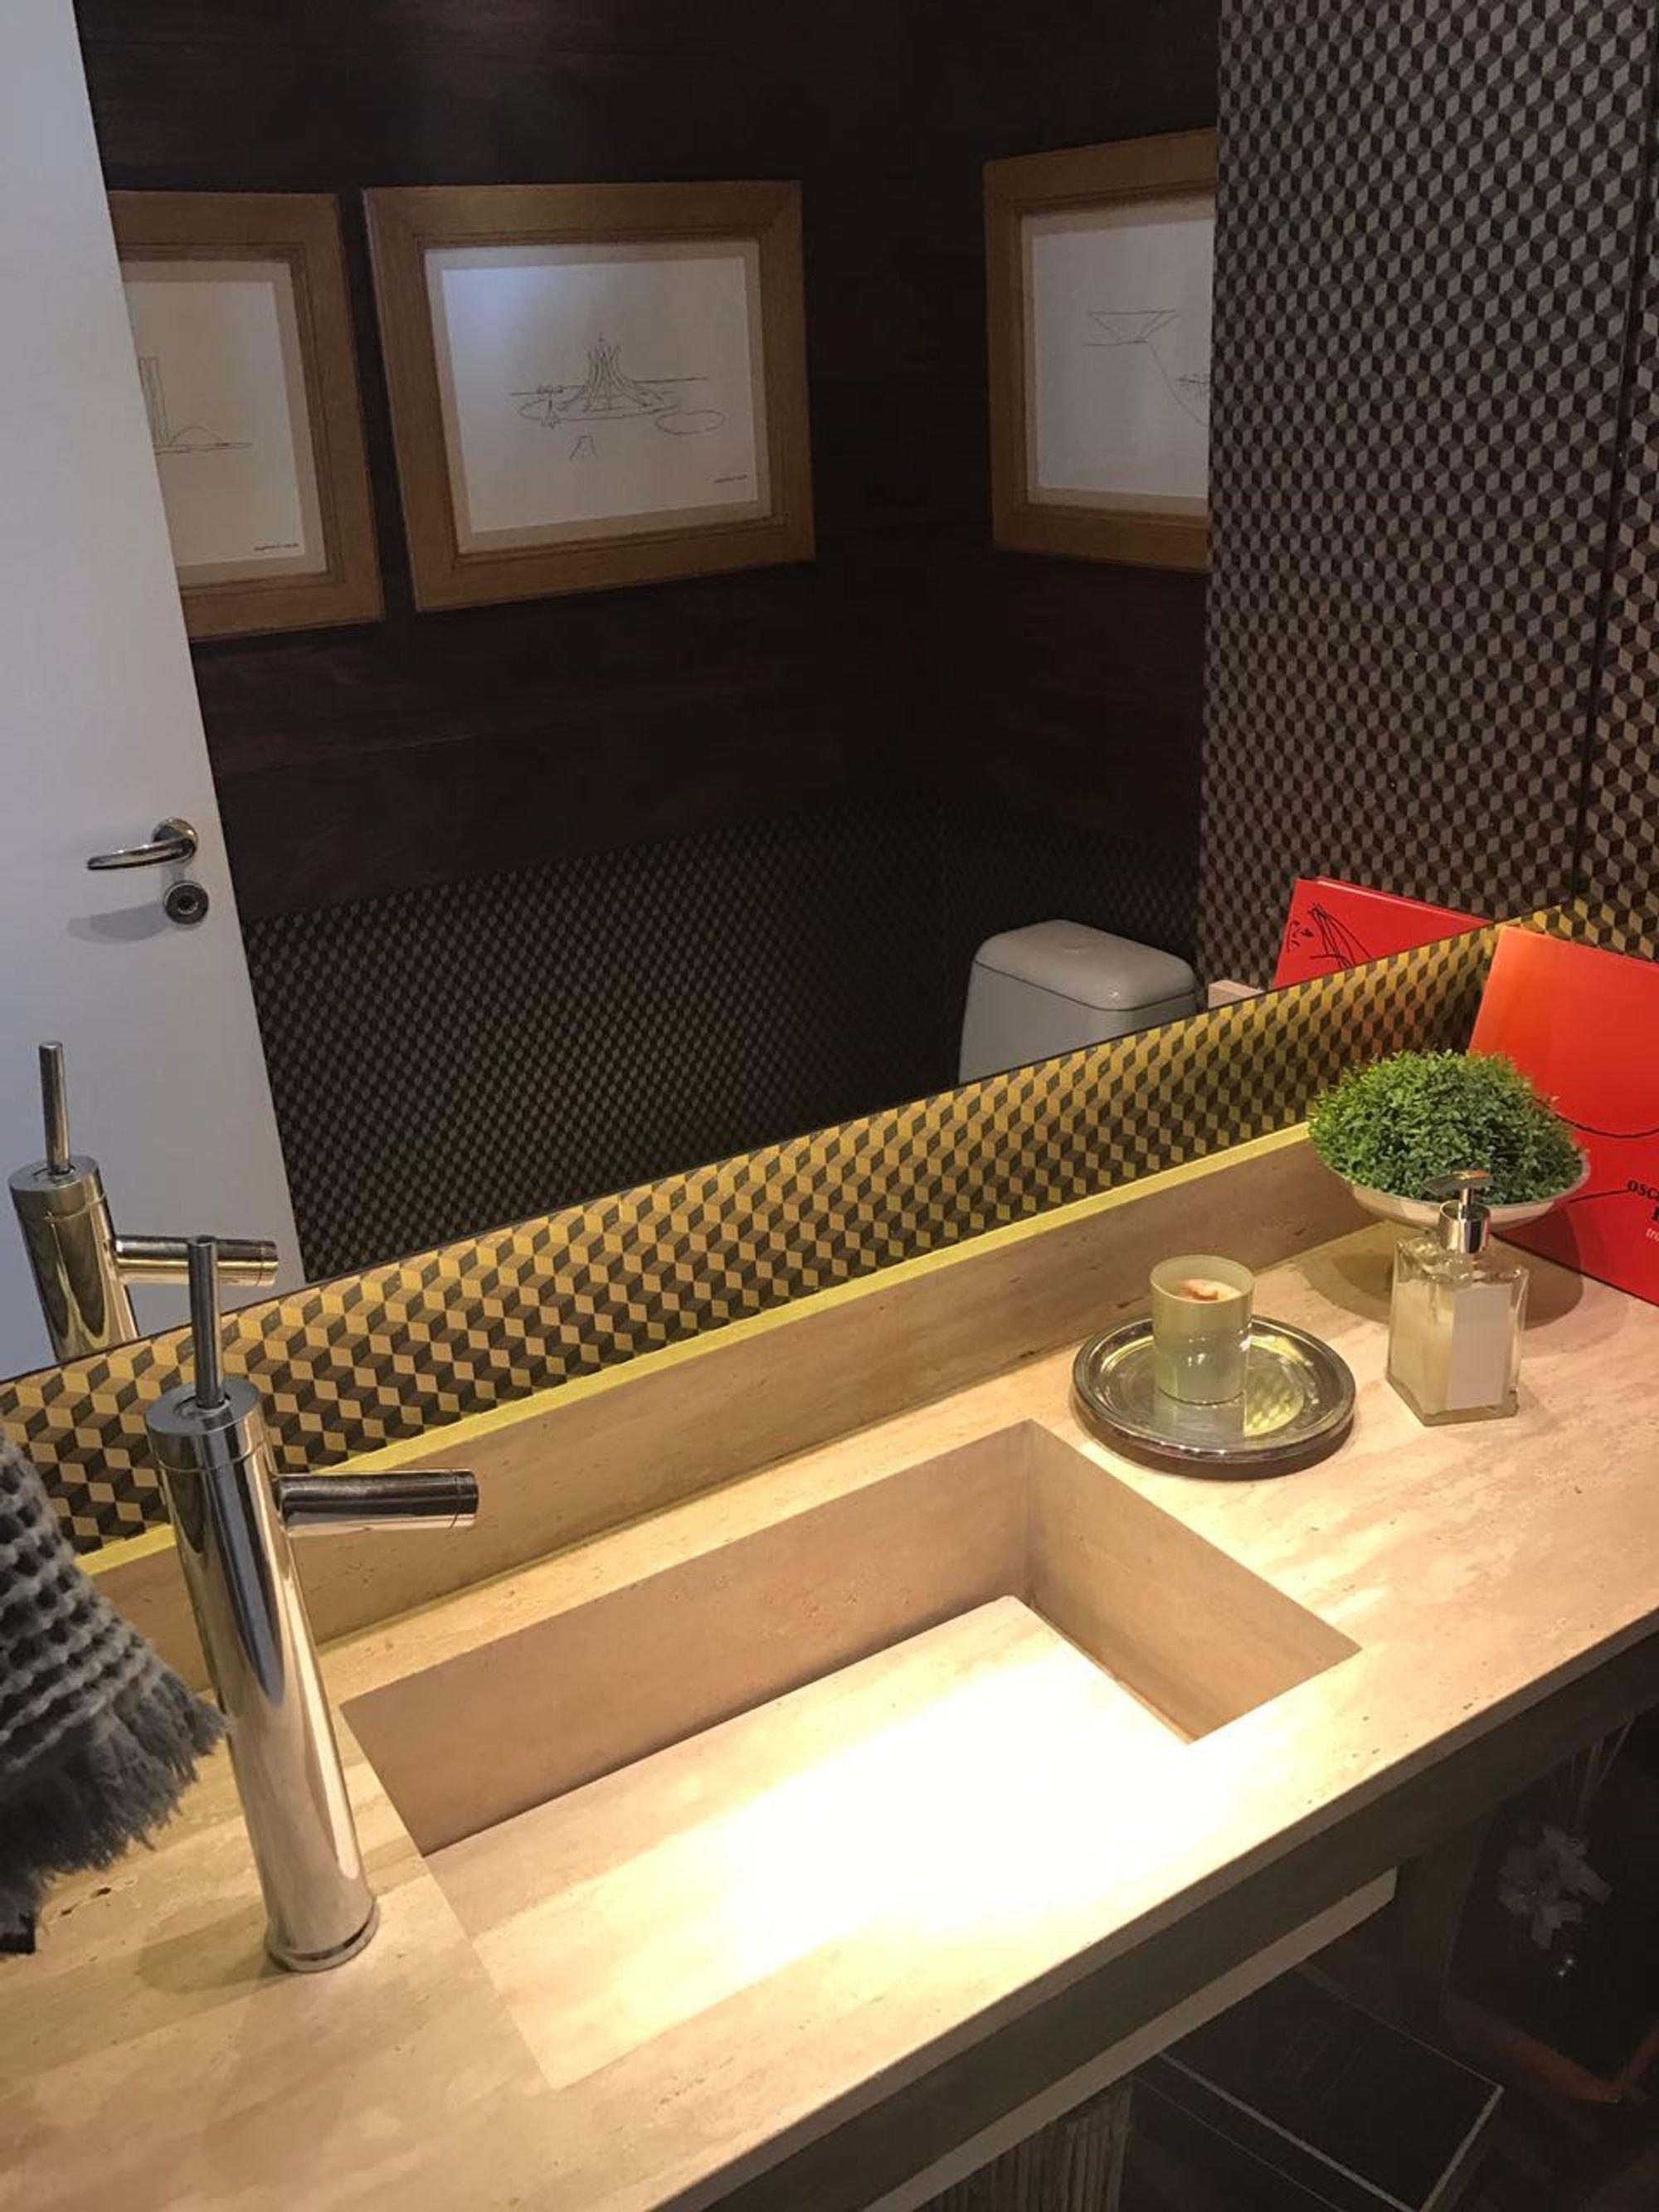 Foto de Cozinha com vaso de planta, xícara